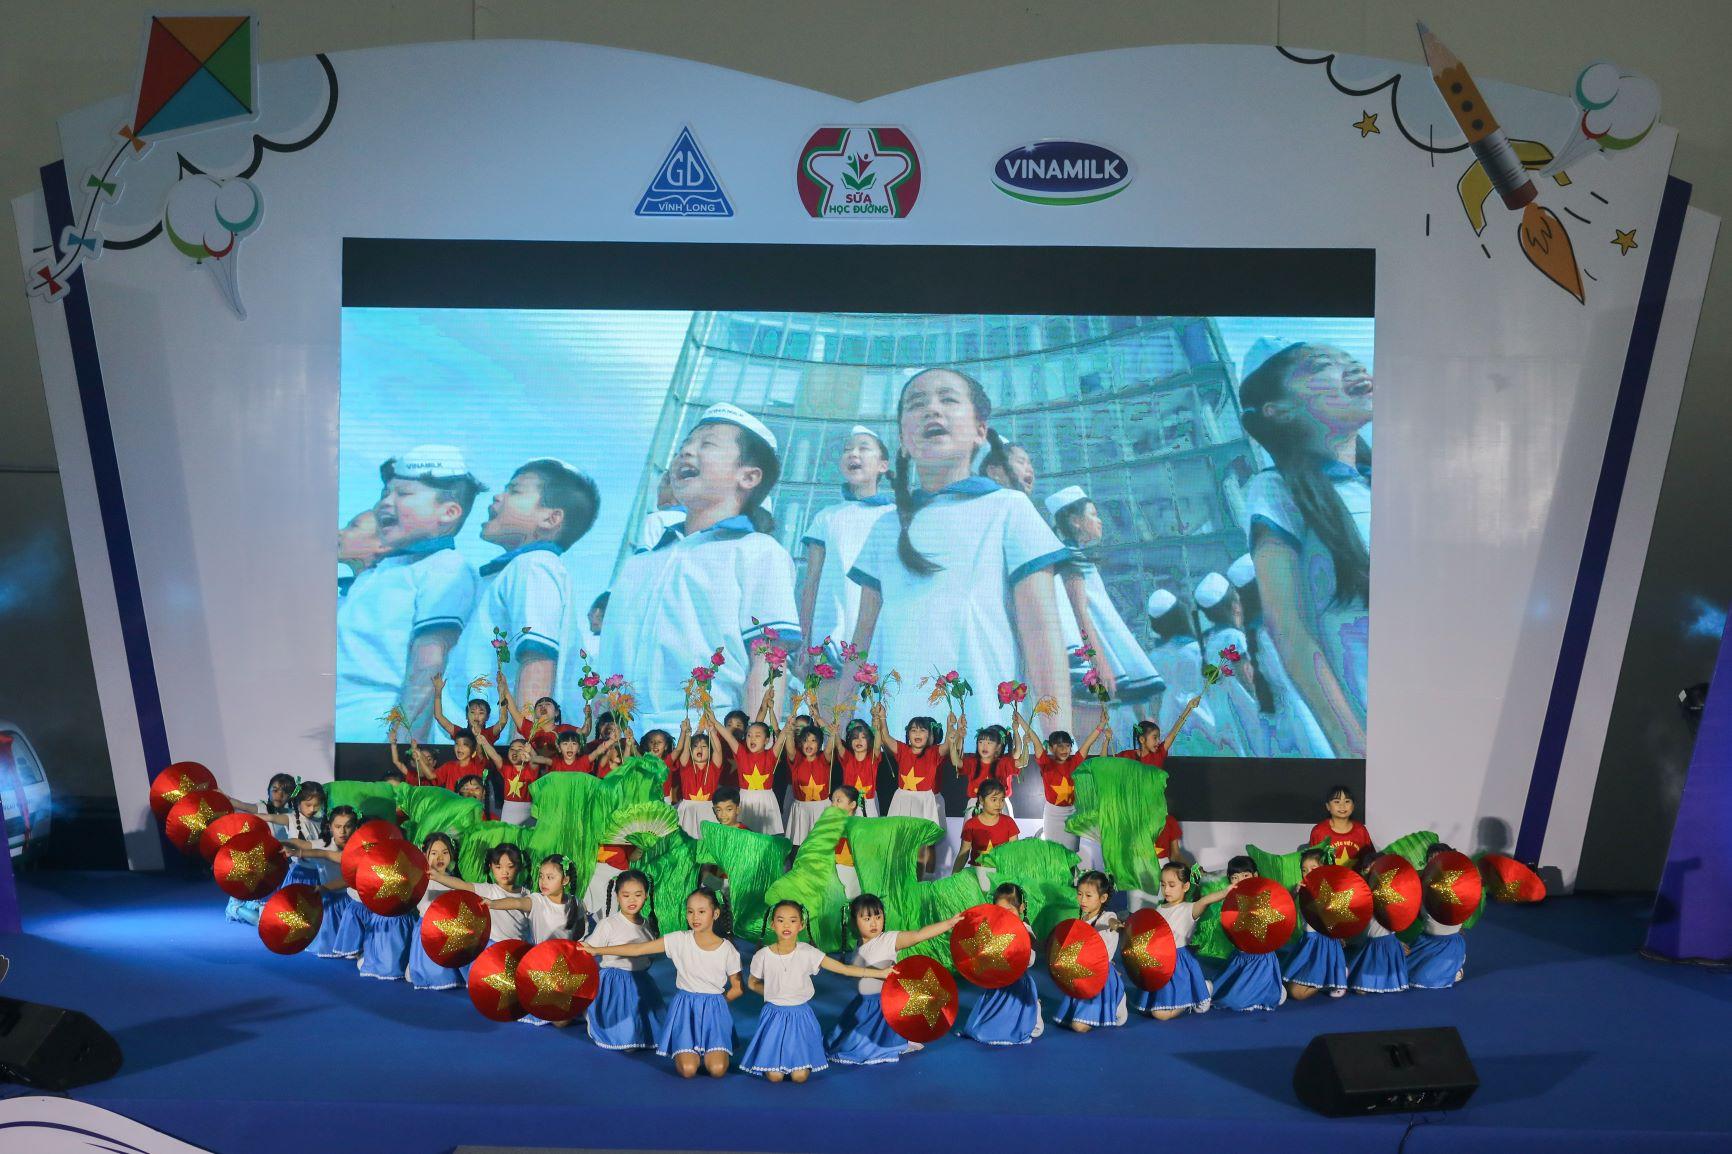 Vinamilk tổ chức Ngày hội Sữa học đường, mang niềm vui uống sữa tại trường đến với trẻ em Vĩnh Long 9